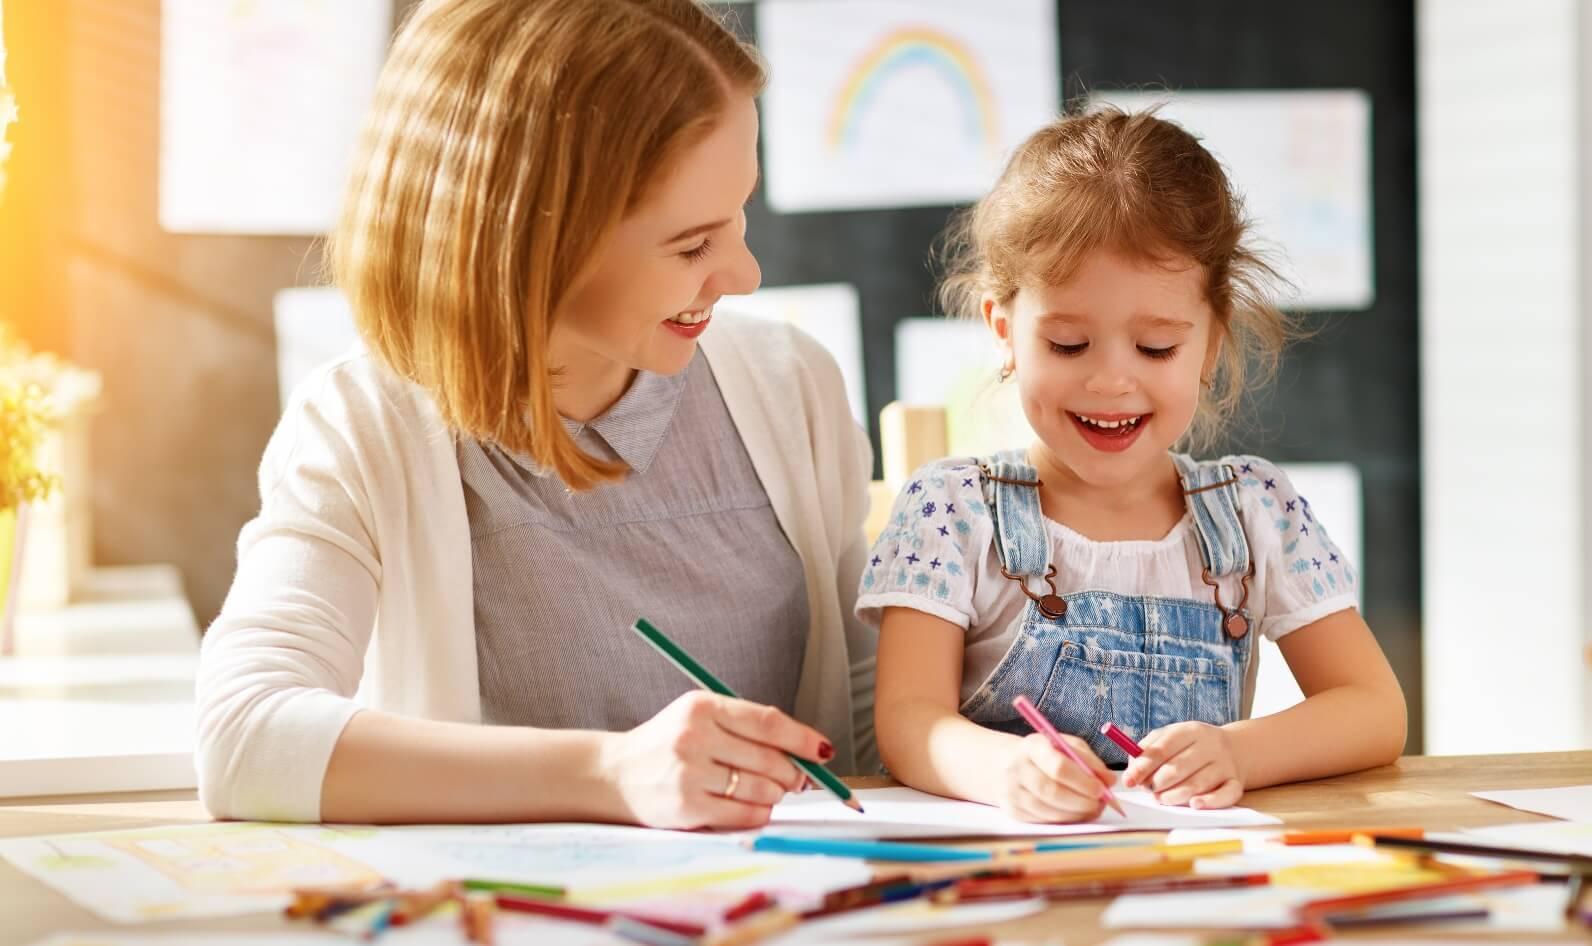 Hubungan Erat Dengan Orangtua Bisa Tingkatkan Kesehatan Anak